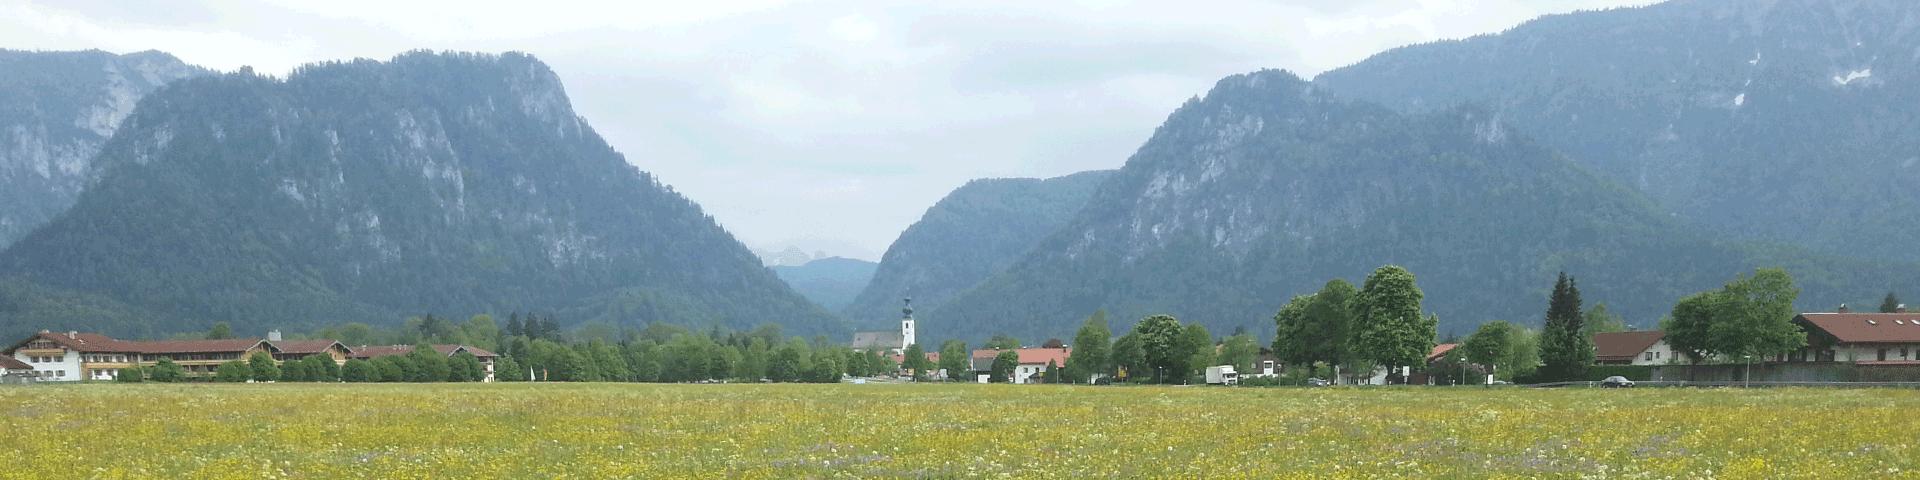 Ferienwohnung Lambertz in Inzell